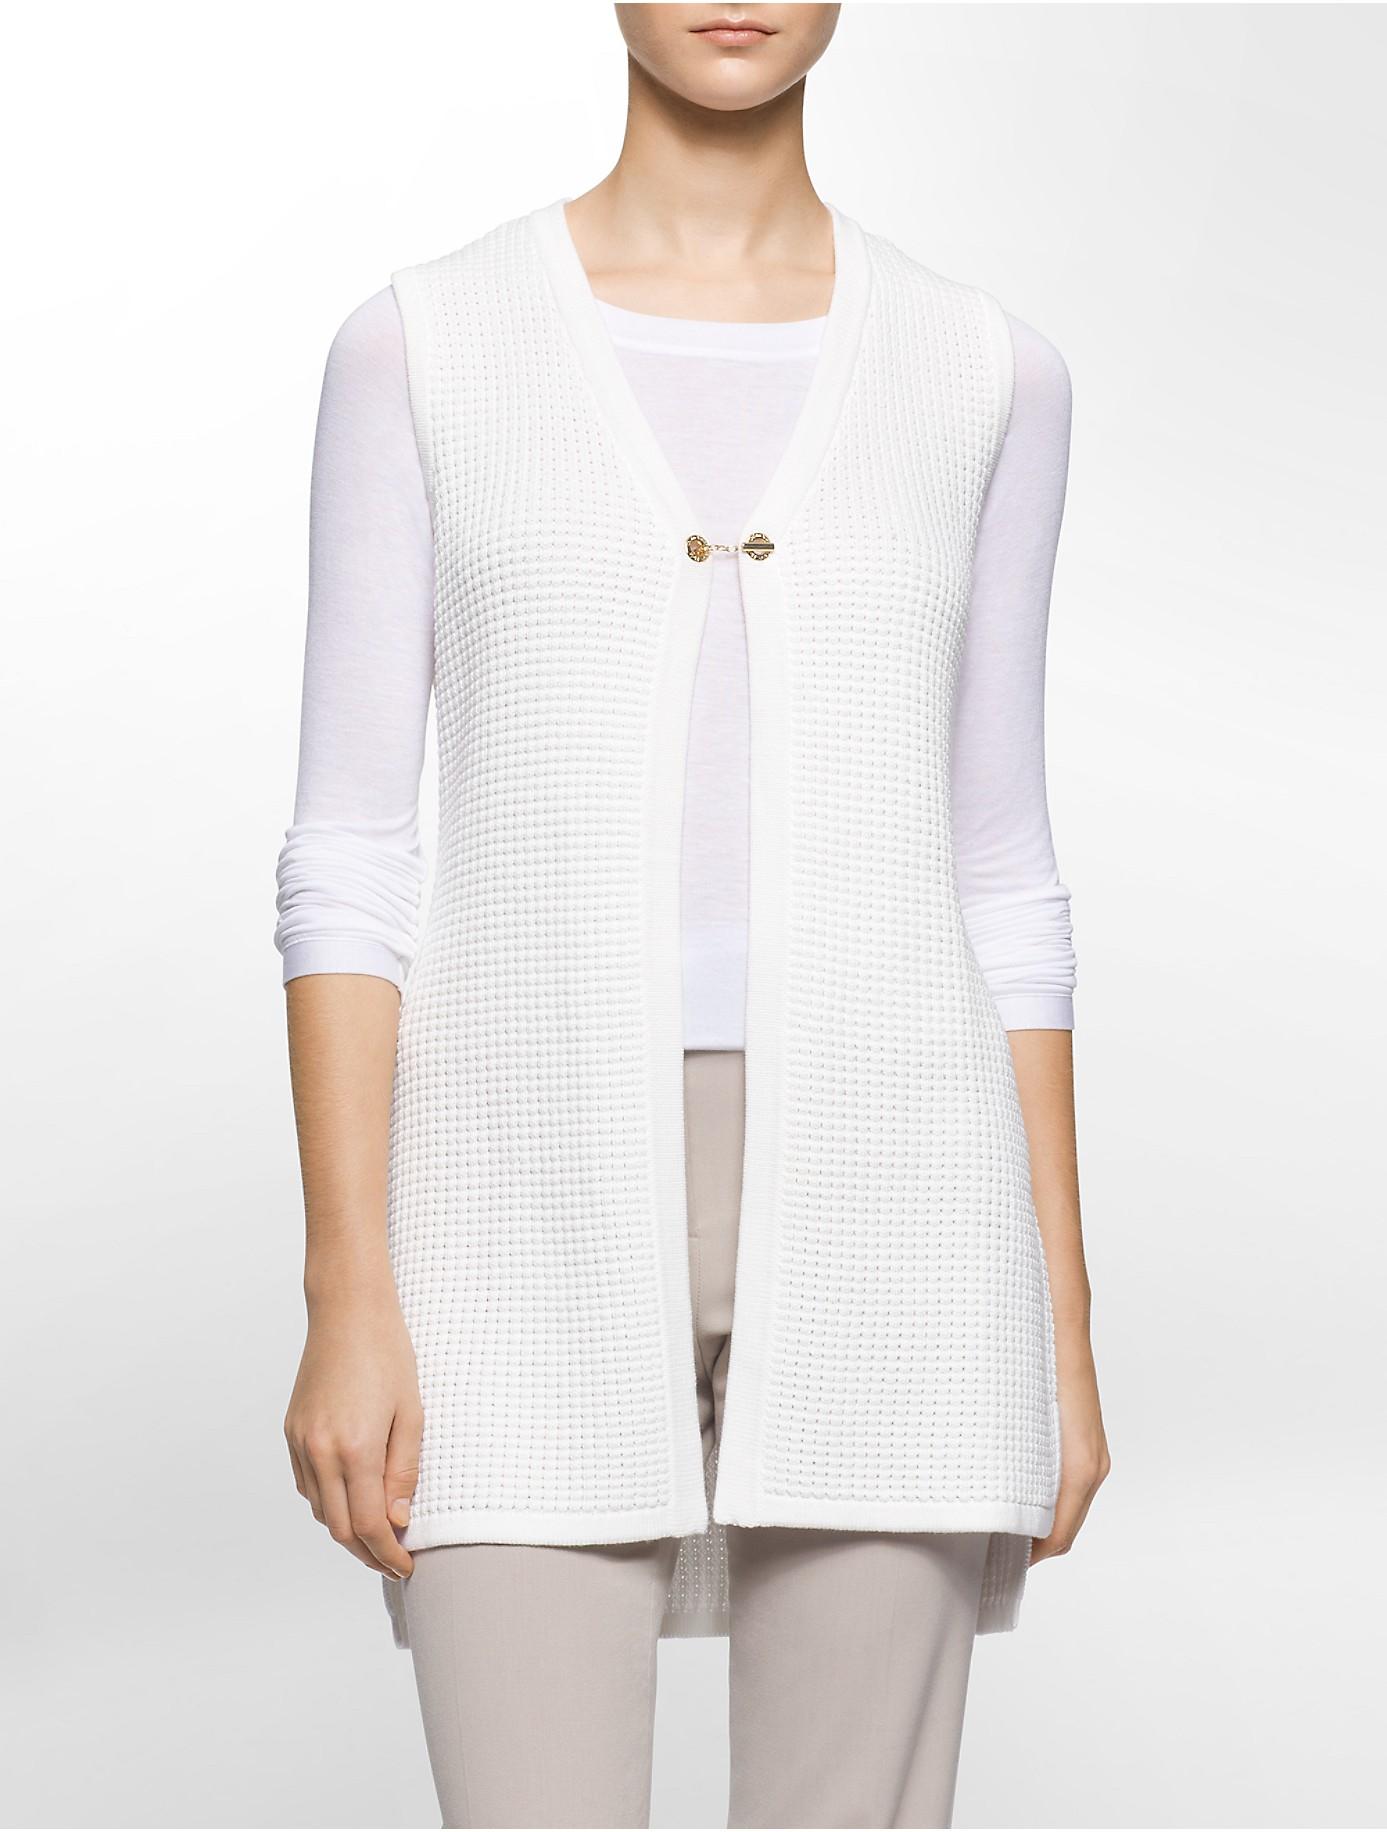 Knitting Pattern For Sleeveless Sweater : Calvin klein Waffle Knit Sleeveless Sweater Vest in White Lyst